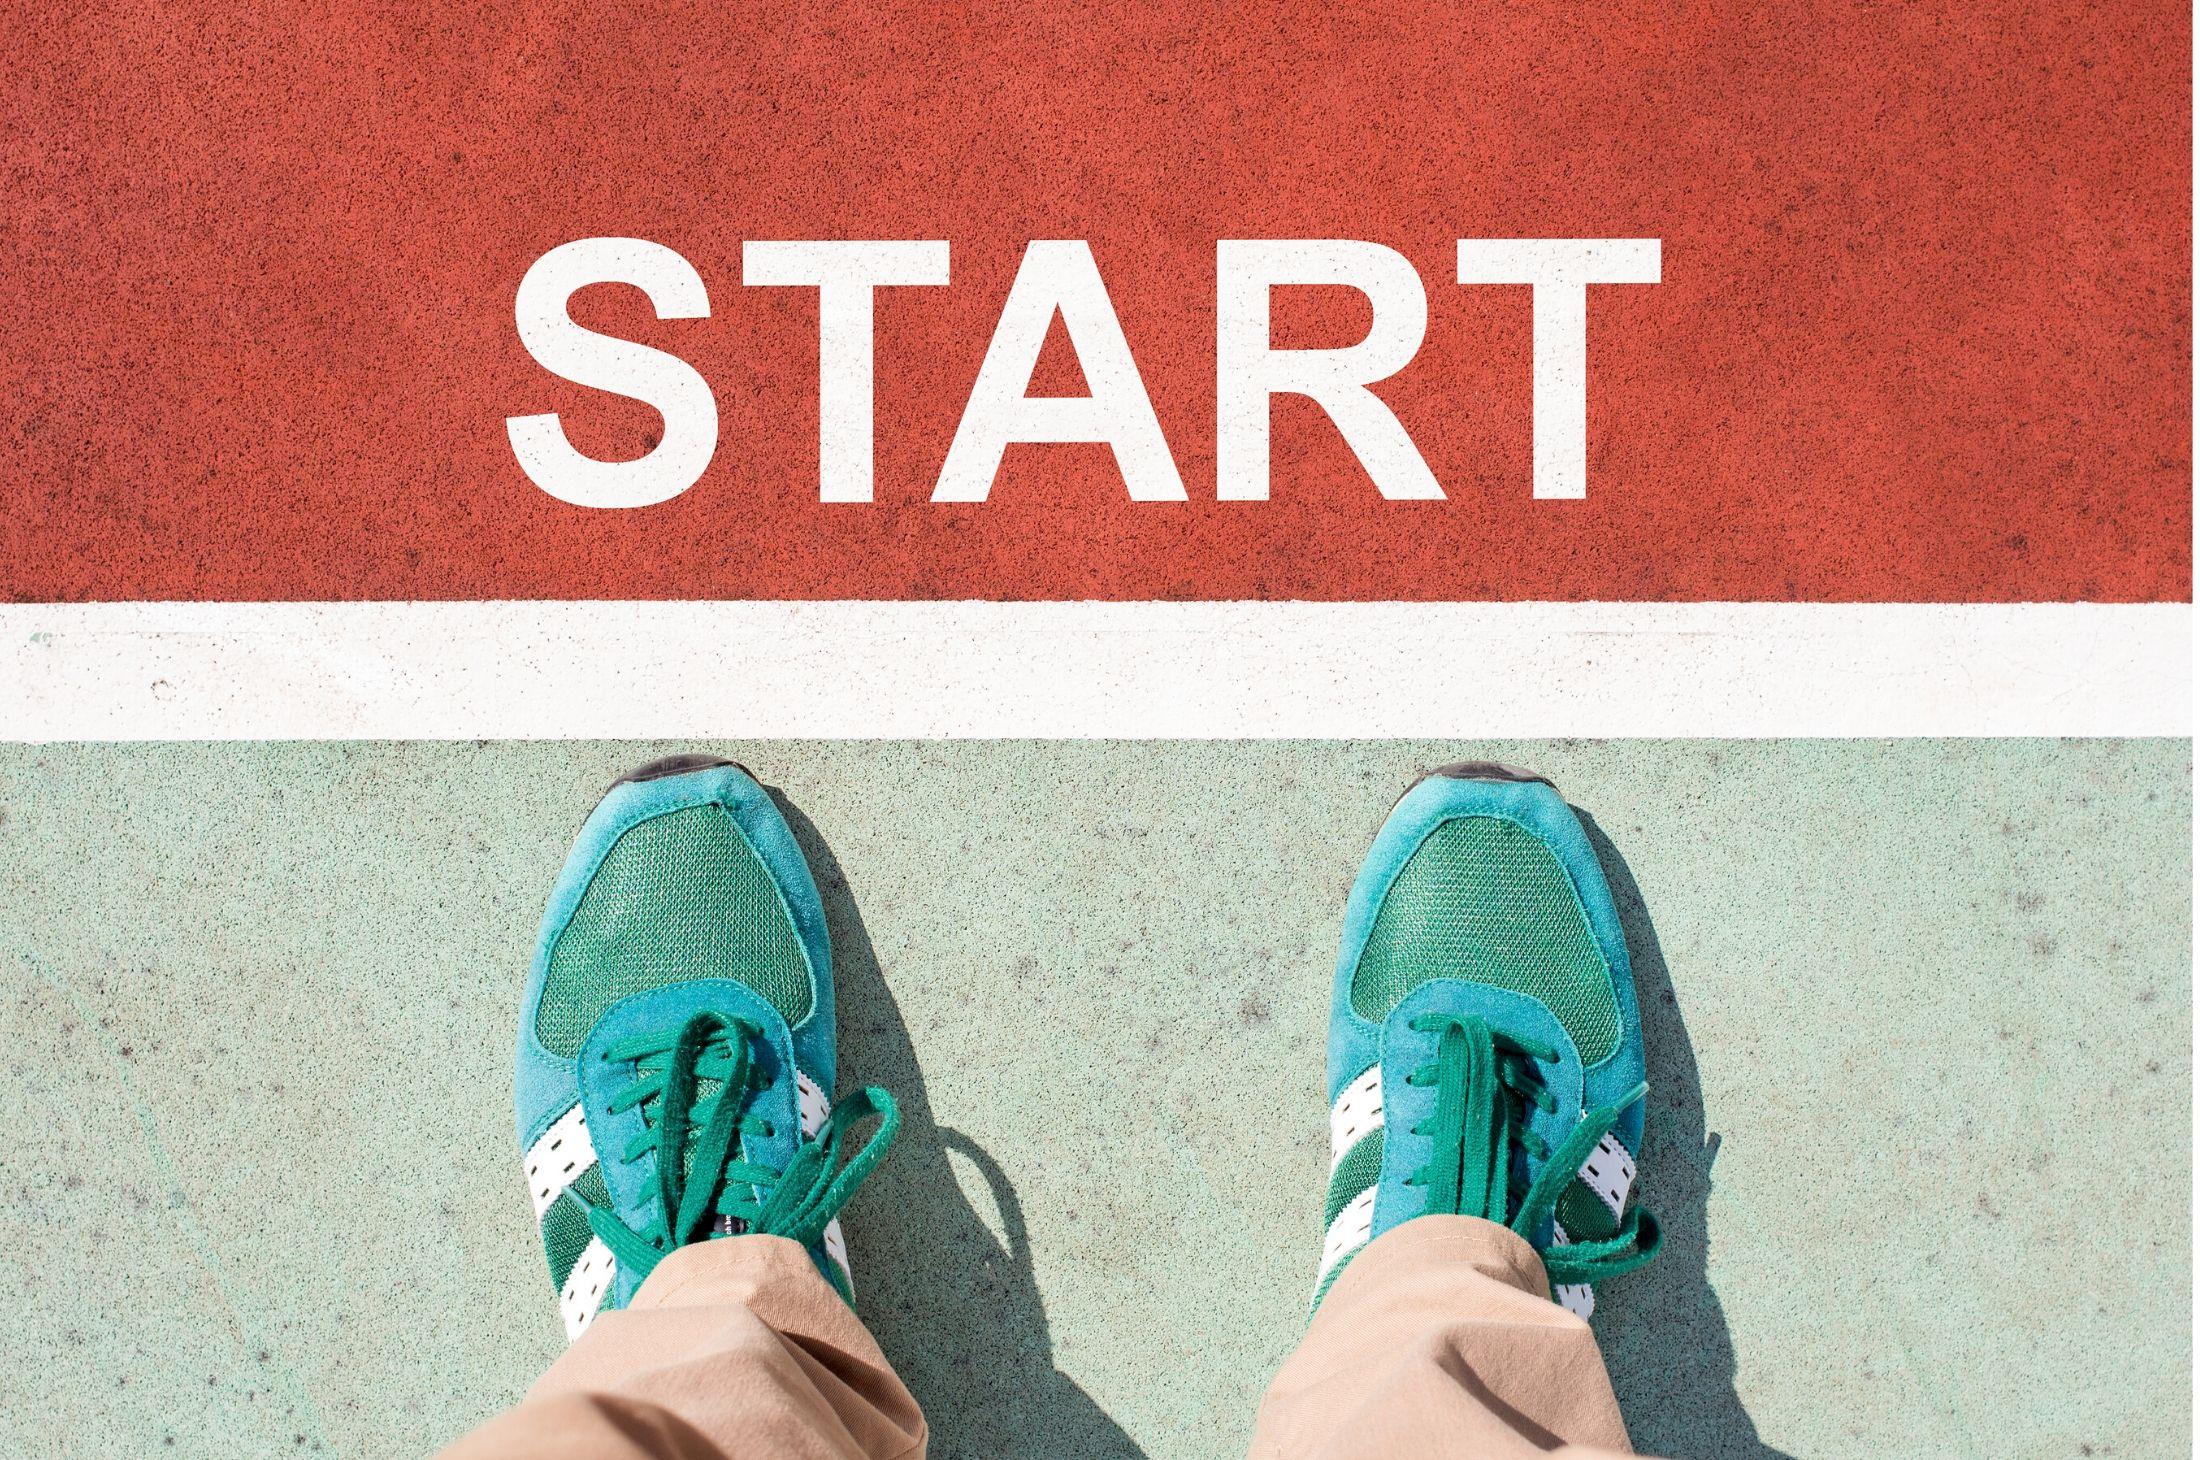 start runinng